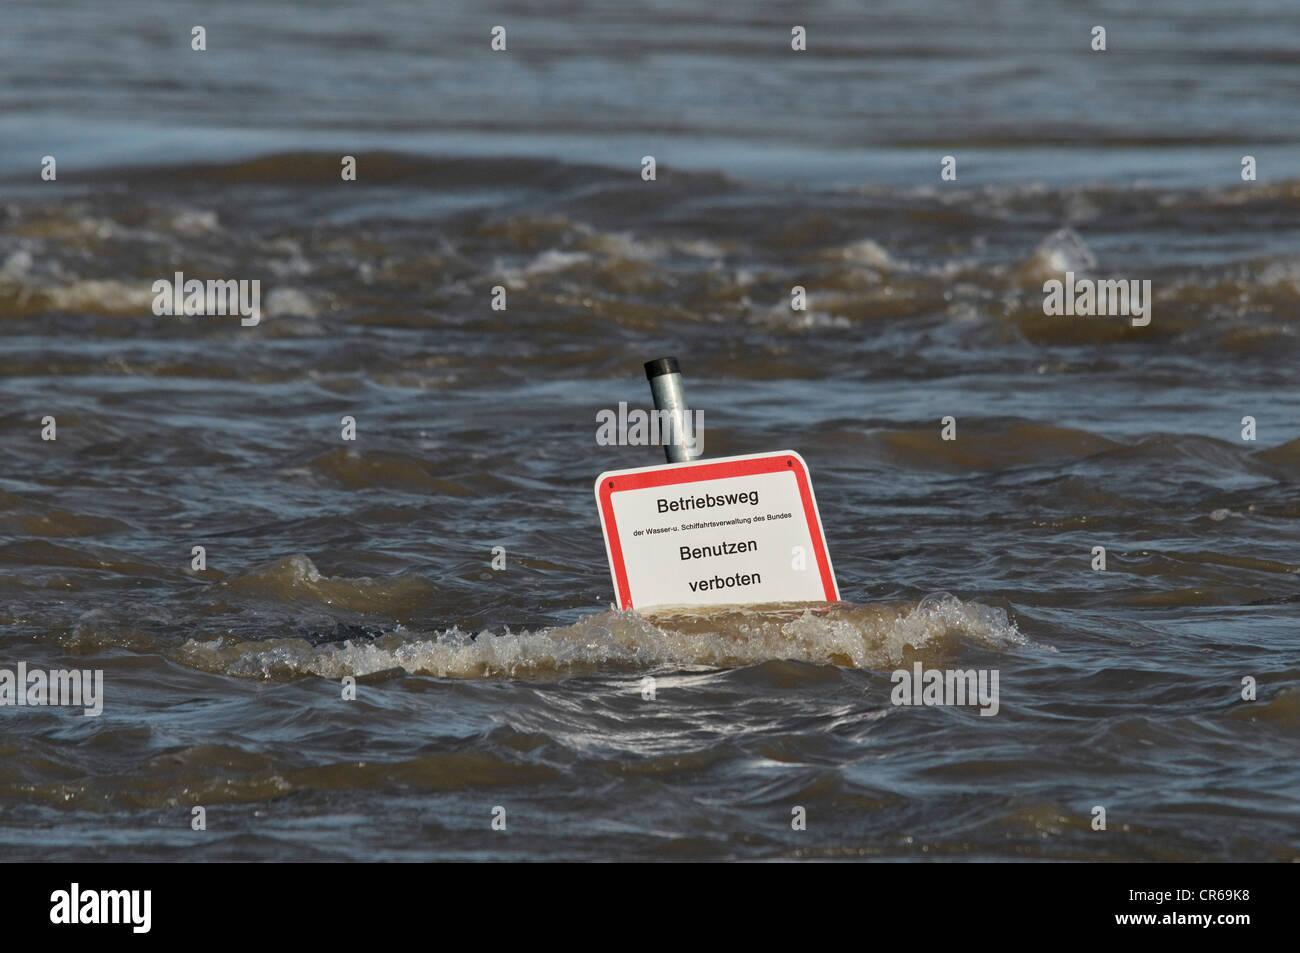 Inundaciones, signo profundo permanente en el agua, que operan la ruta del agua Federal y administración marítima, Imagen De Stock